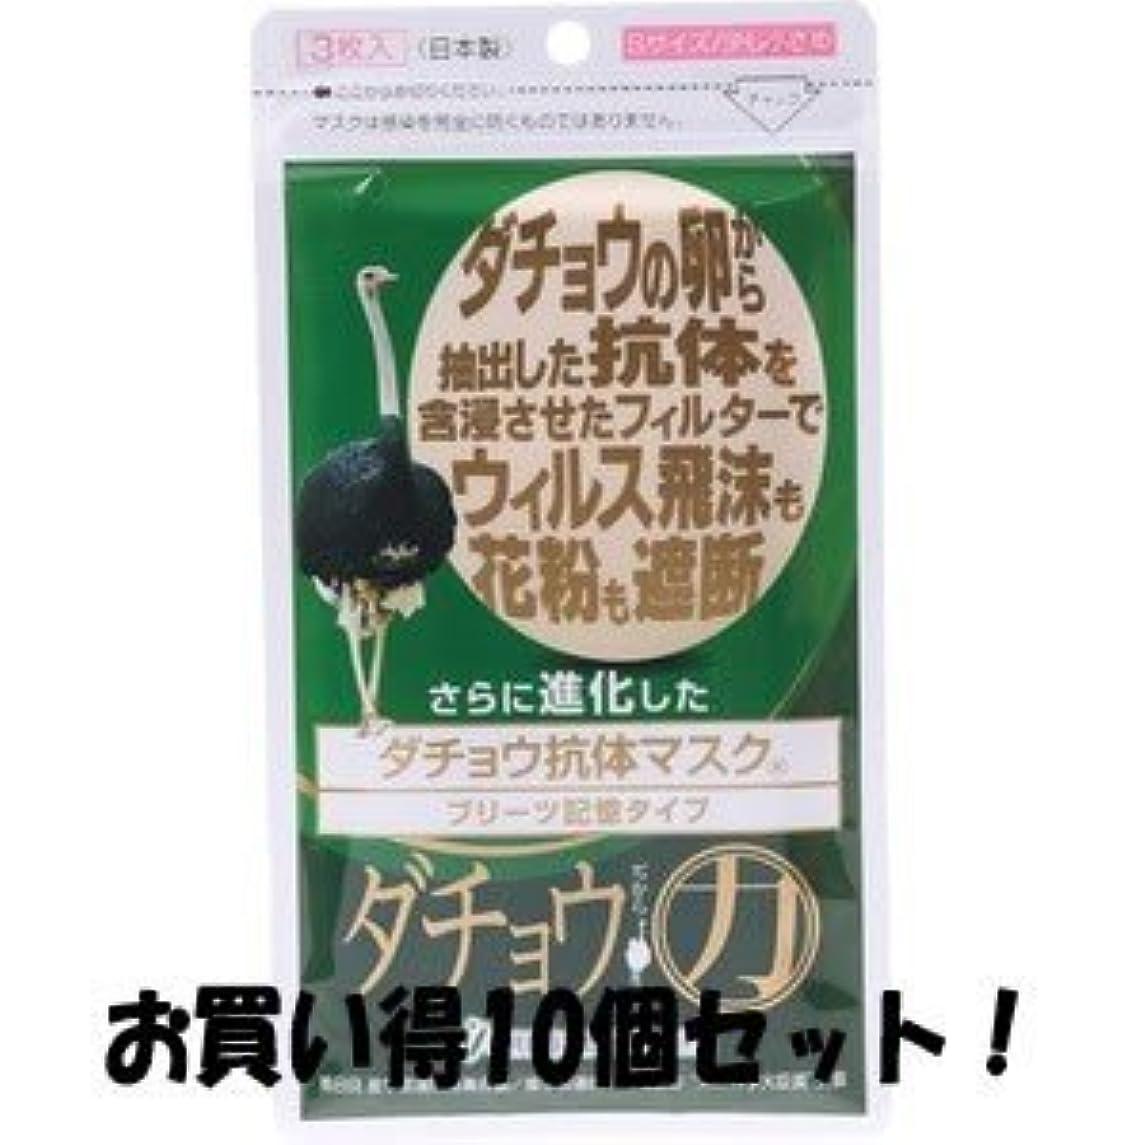 床を掃除するミシン目生活(クロシード)さらに進化したダチョウ抗体マスク 花粉 ウイルス PM2.5対応 少し小さめサイズ 3枚入(お買い得10個セット)